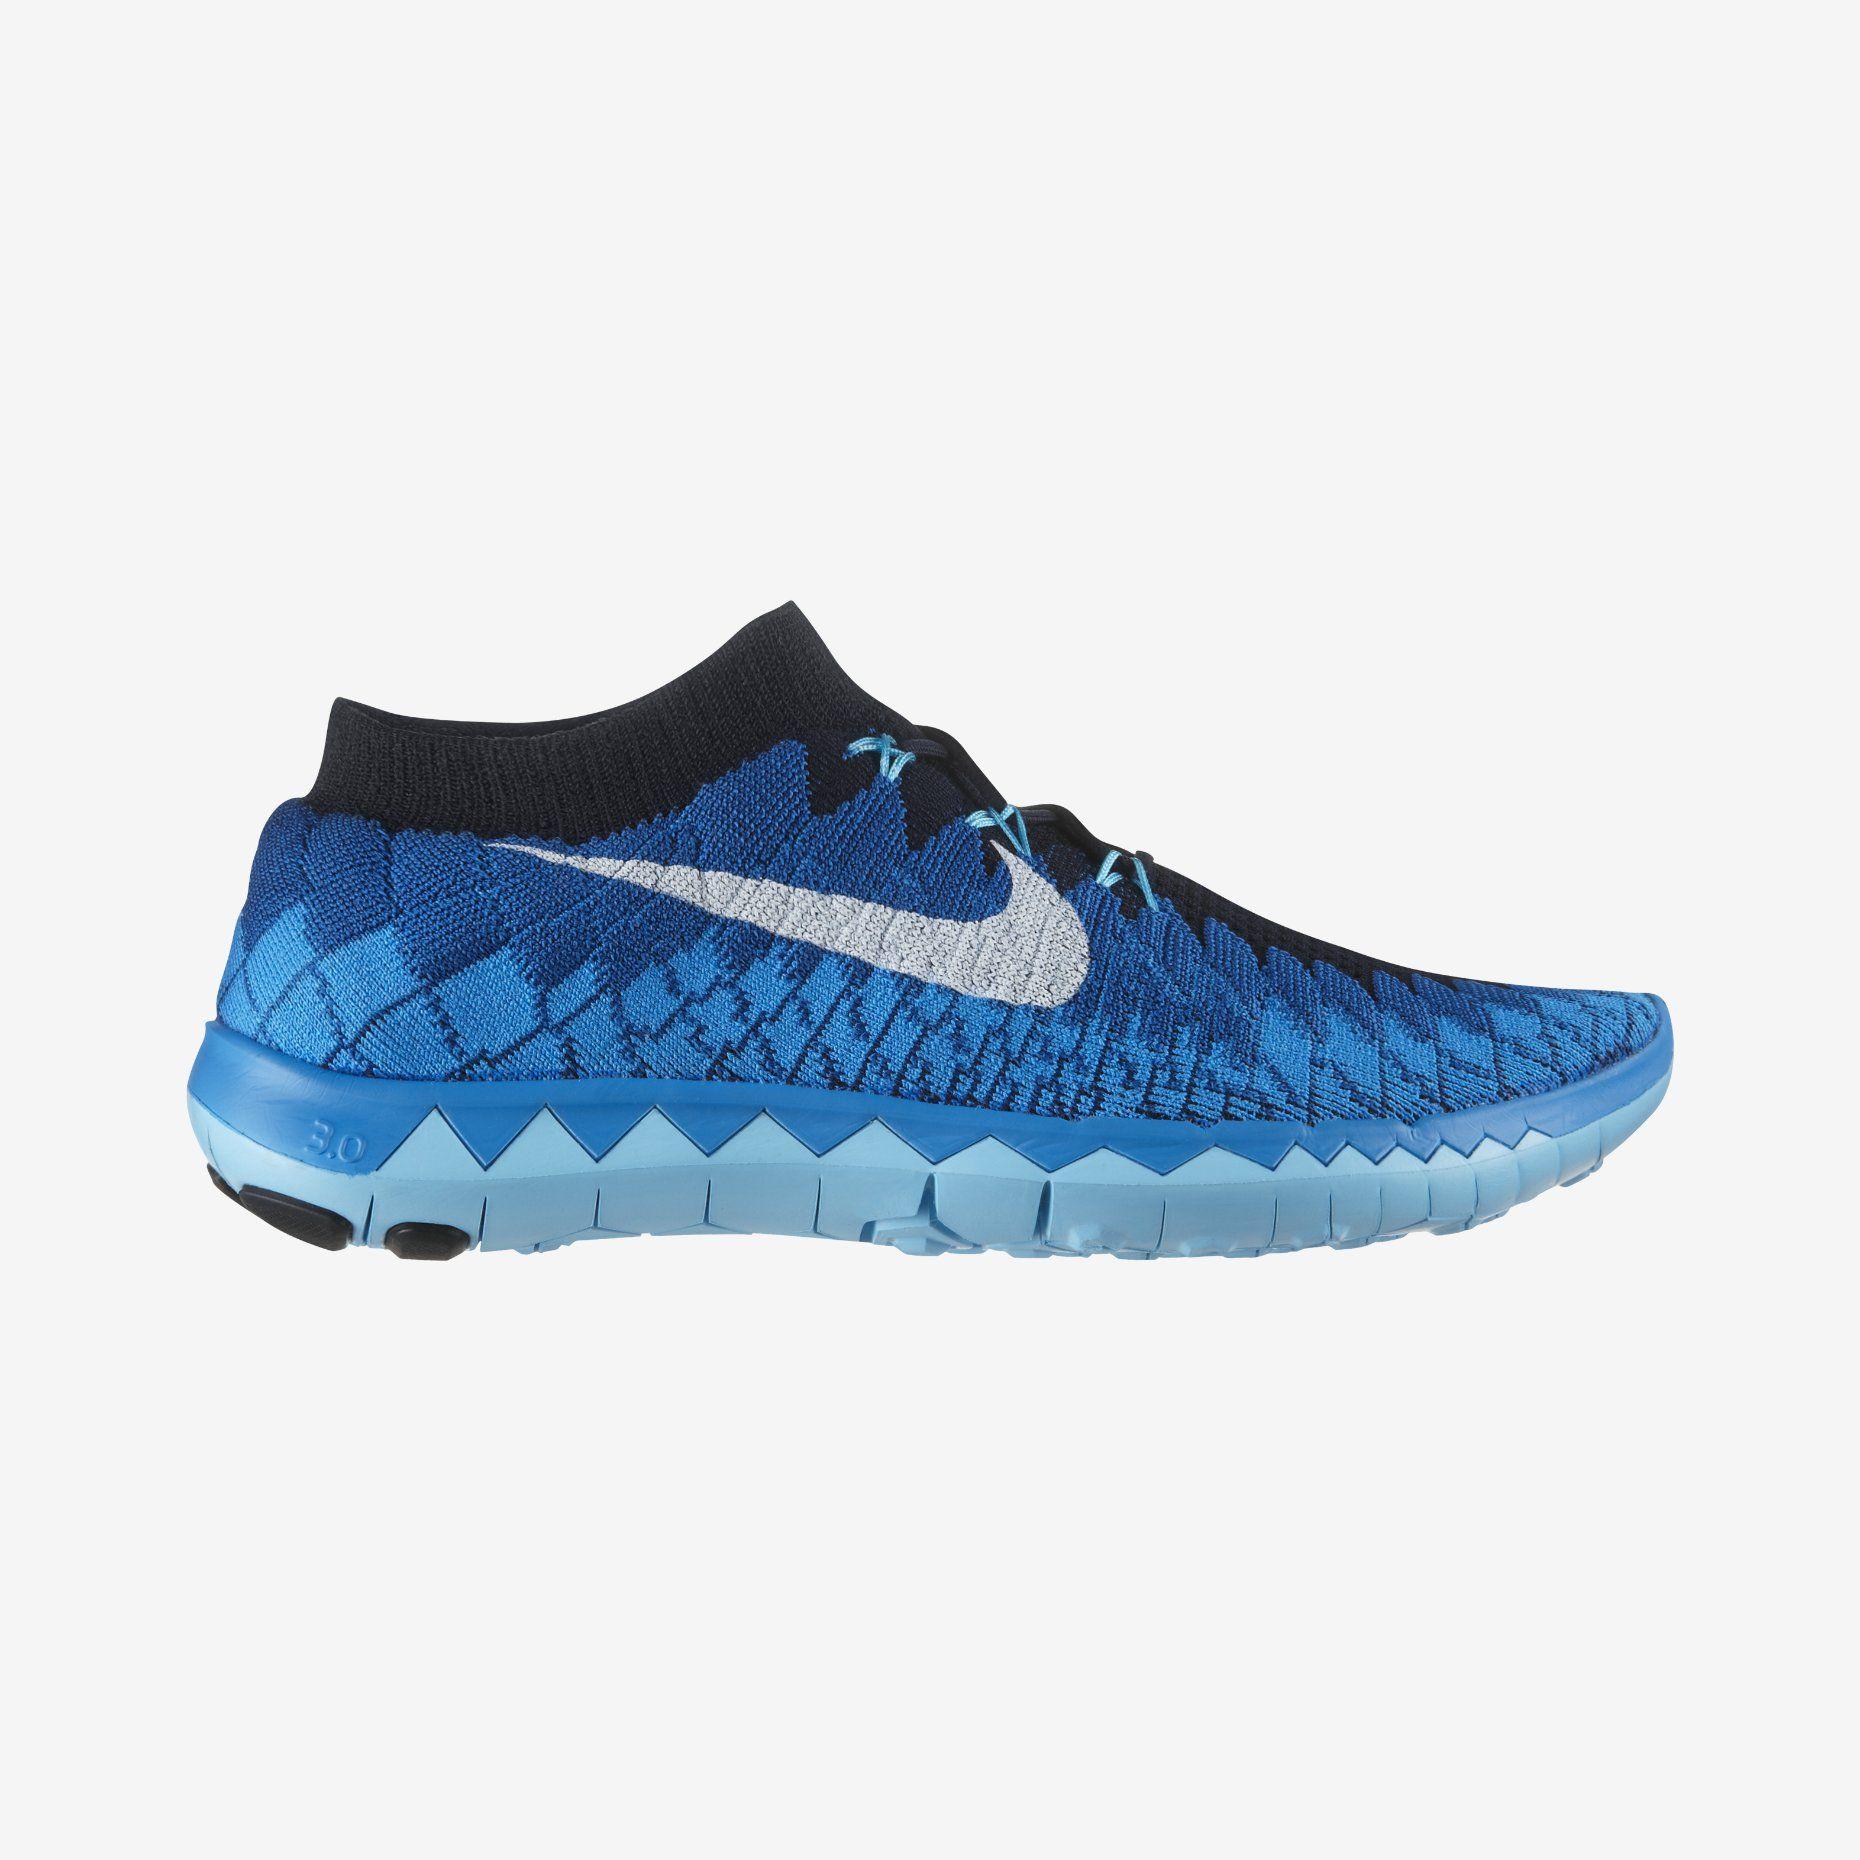 best service d25b2 7e476 Nike Free 3.0 Flyknit Men s Running Shoe.